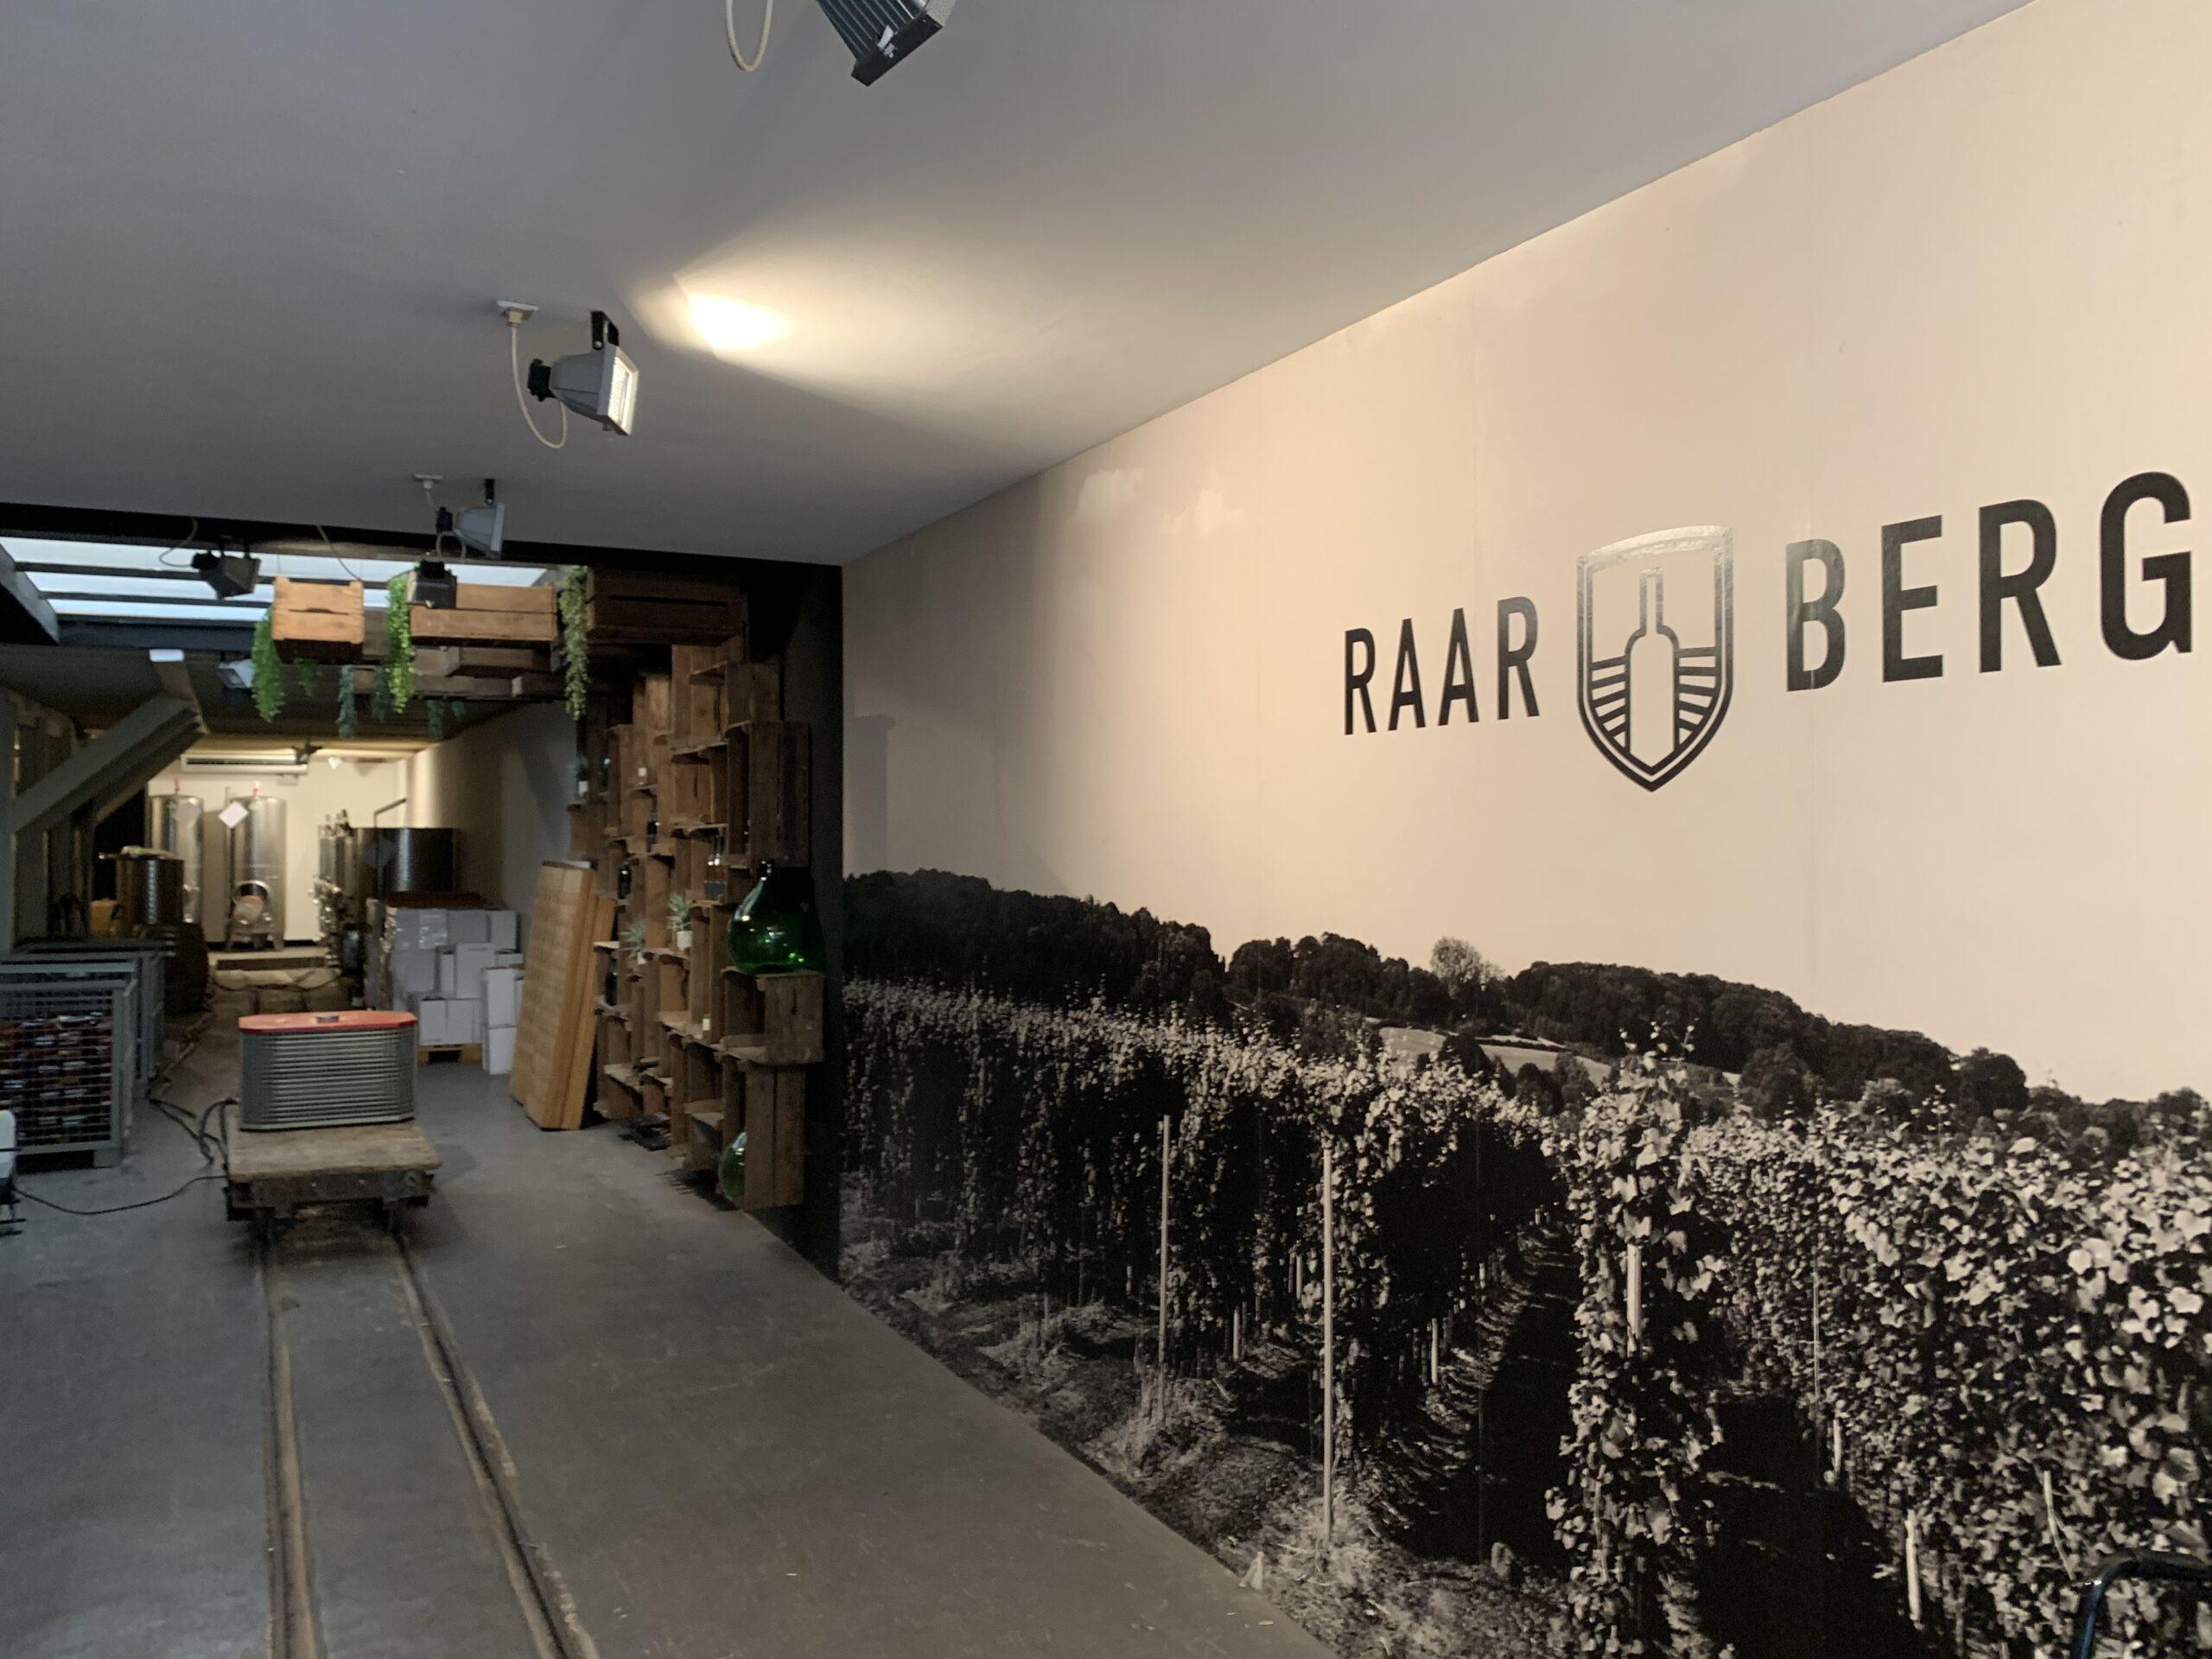 Wijnhuis Raarberg Maastricht